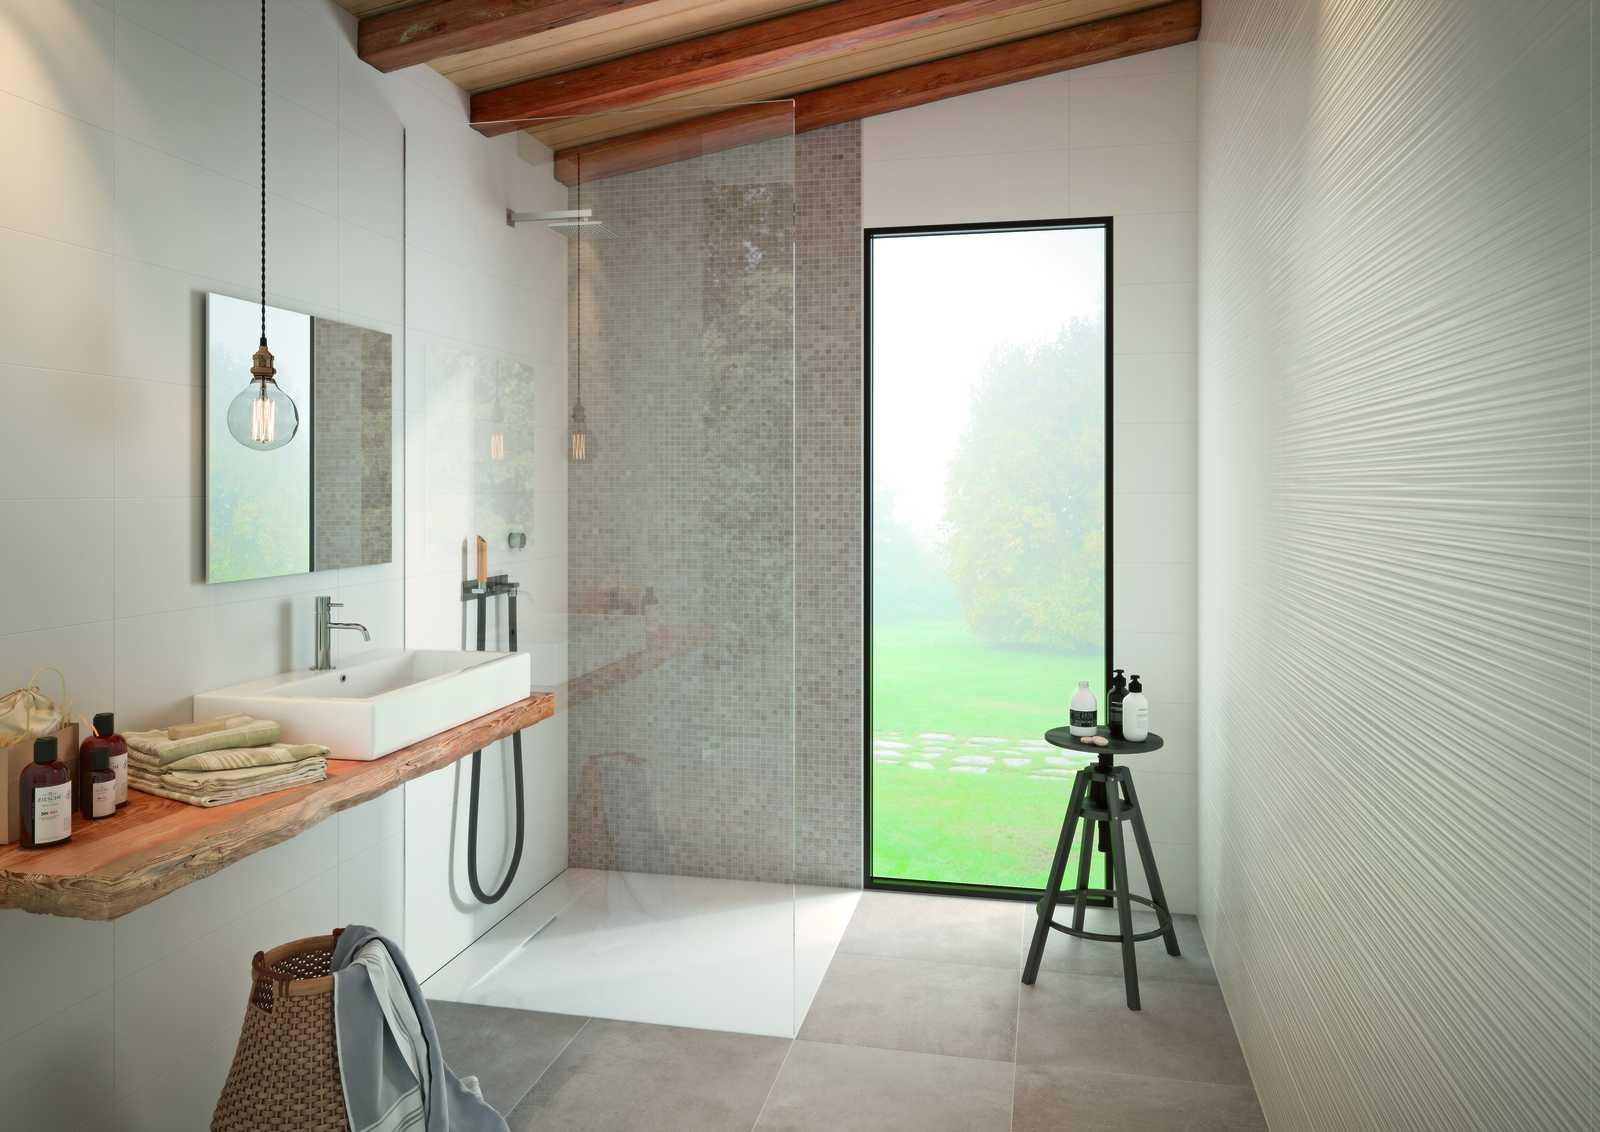 mattonelle per bagno: ceramica e gres porcellanato | marazzi - Piastrelle X Bagni Moderni